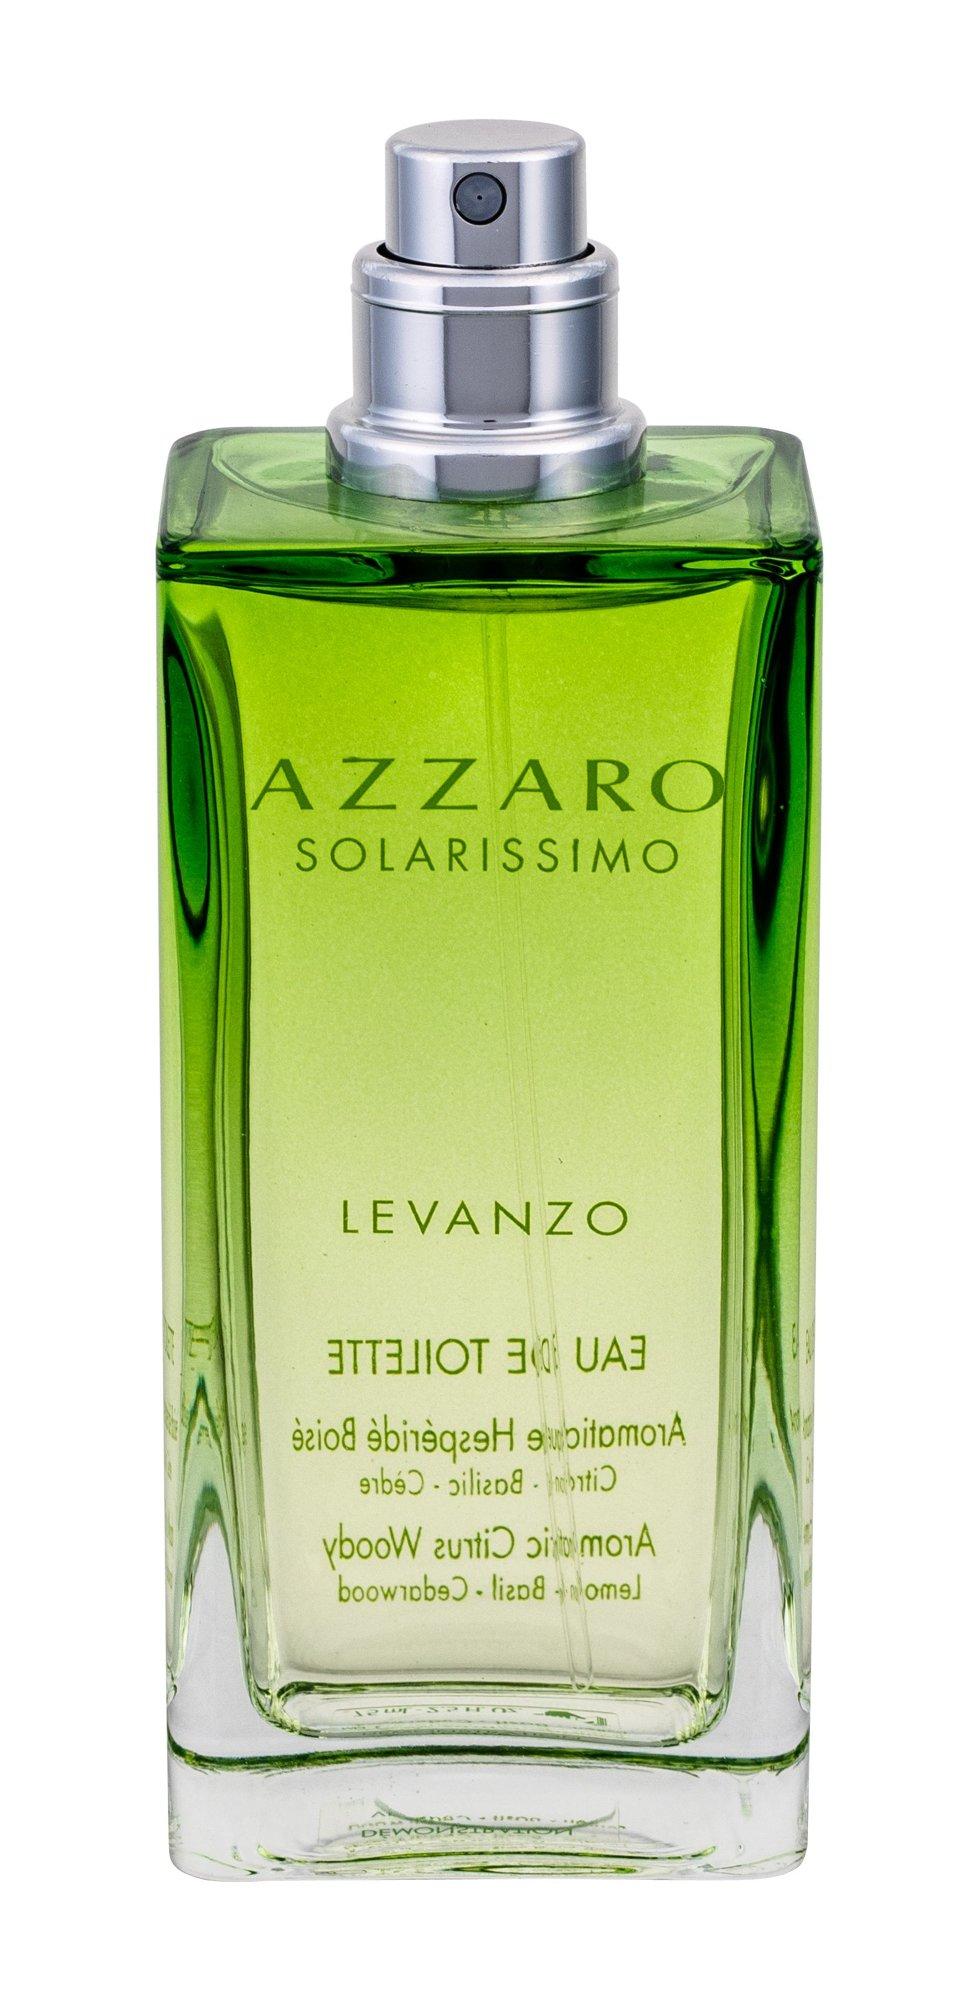 Azzaro Solarissimo Levanzo EDT 75ml